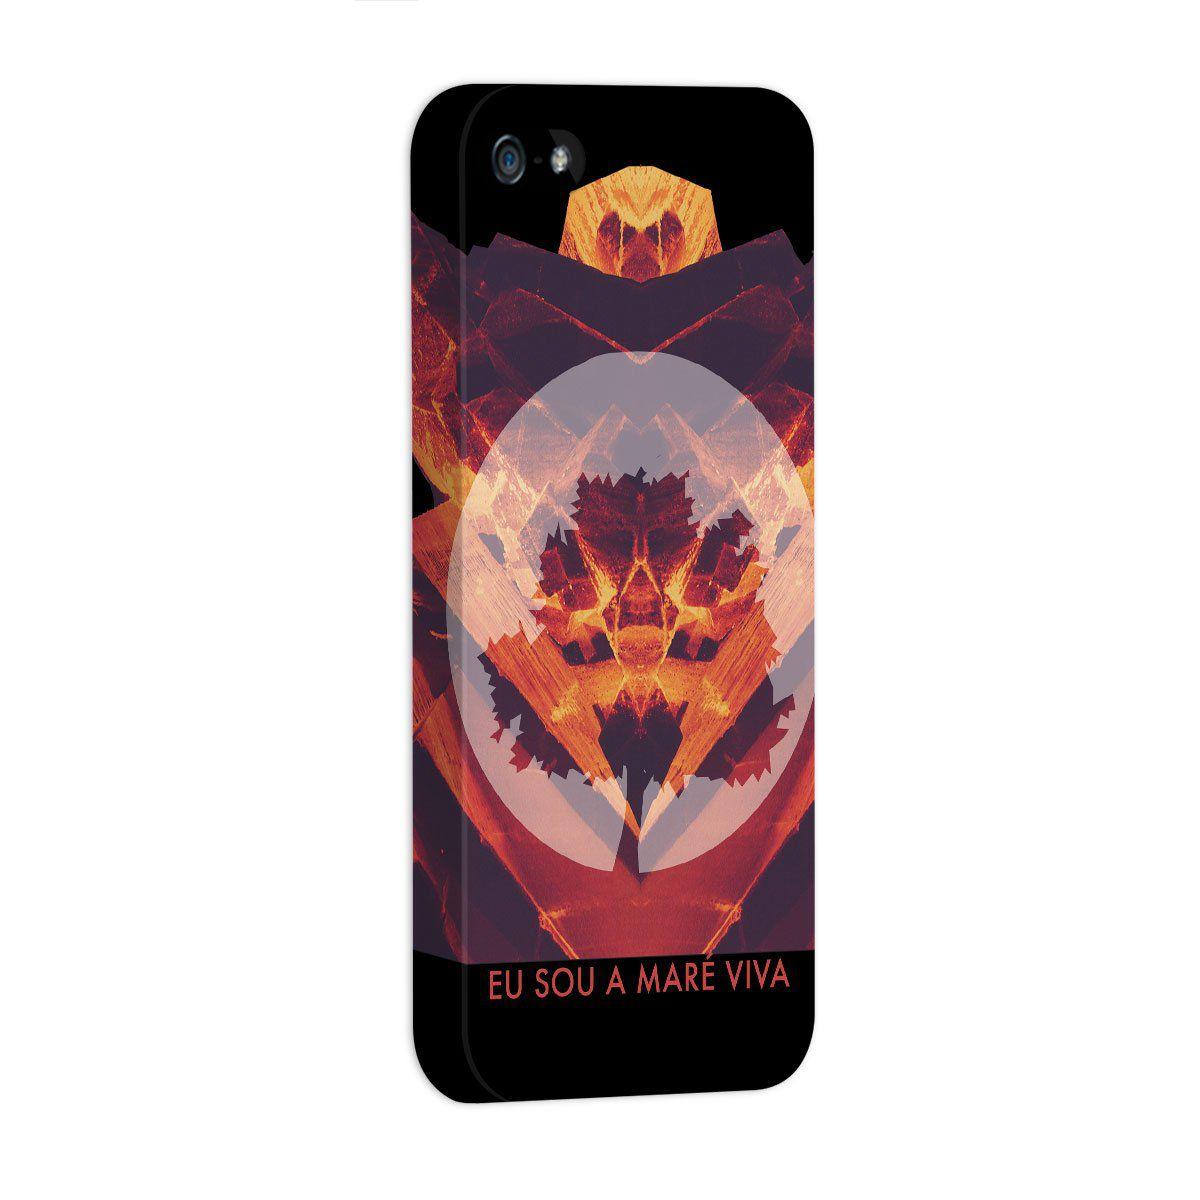 Capa para iPhone 5/5S Fresno - À Prova de Balas